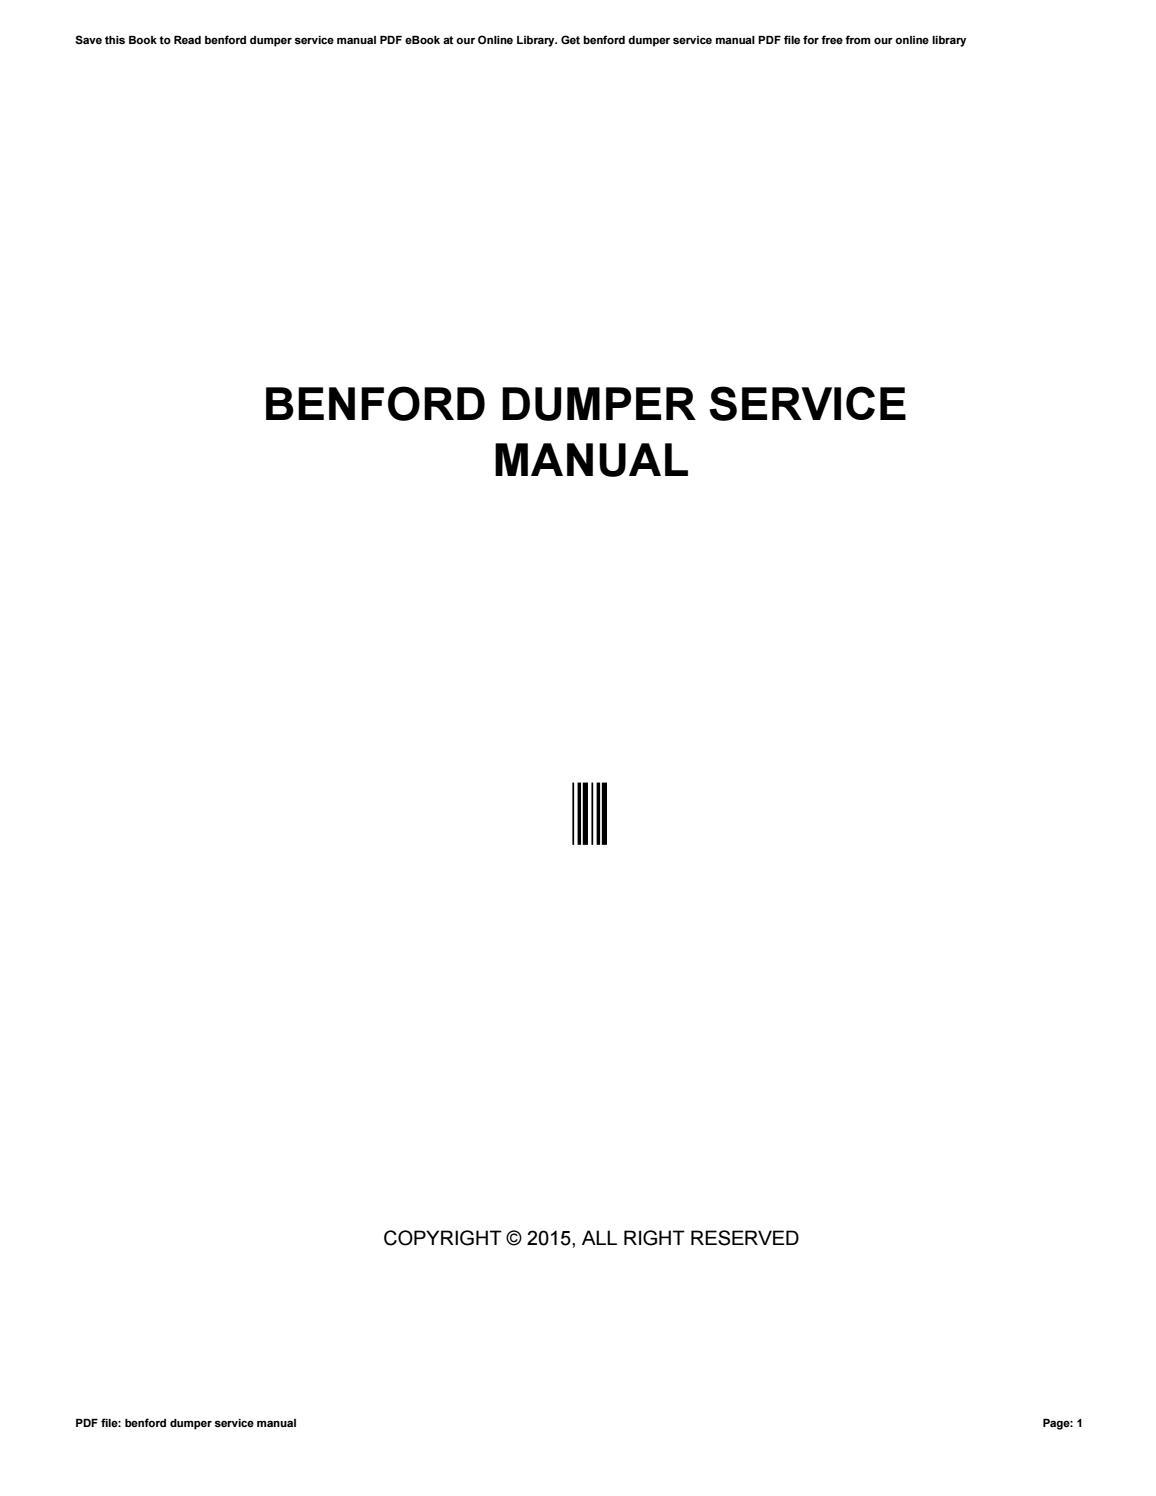 Benford dumper-service-manual.